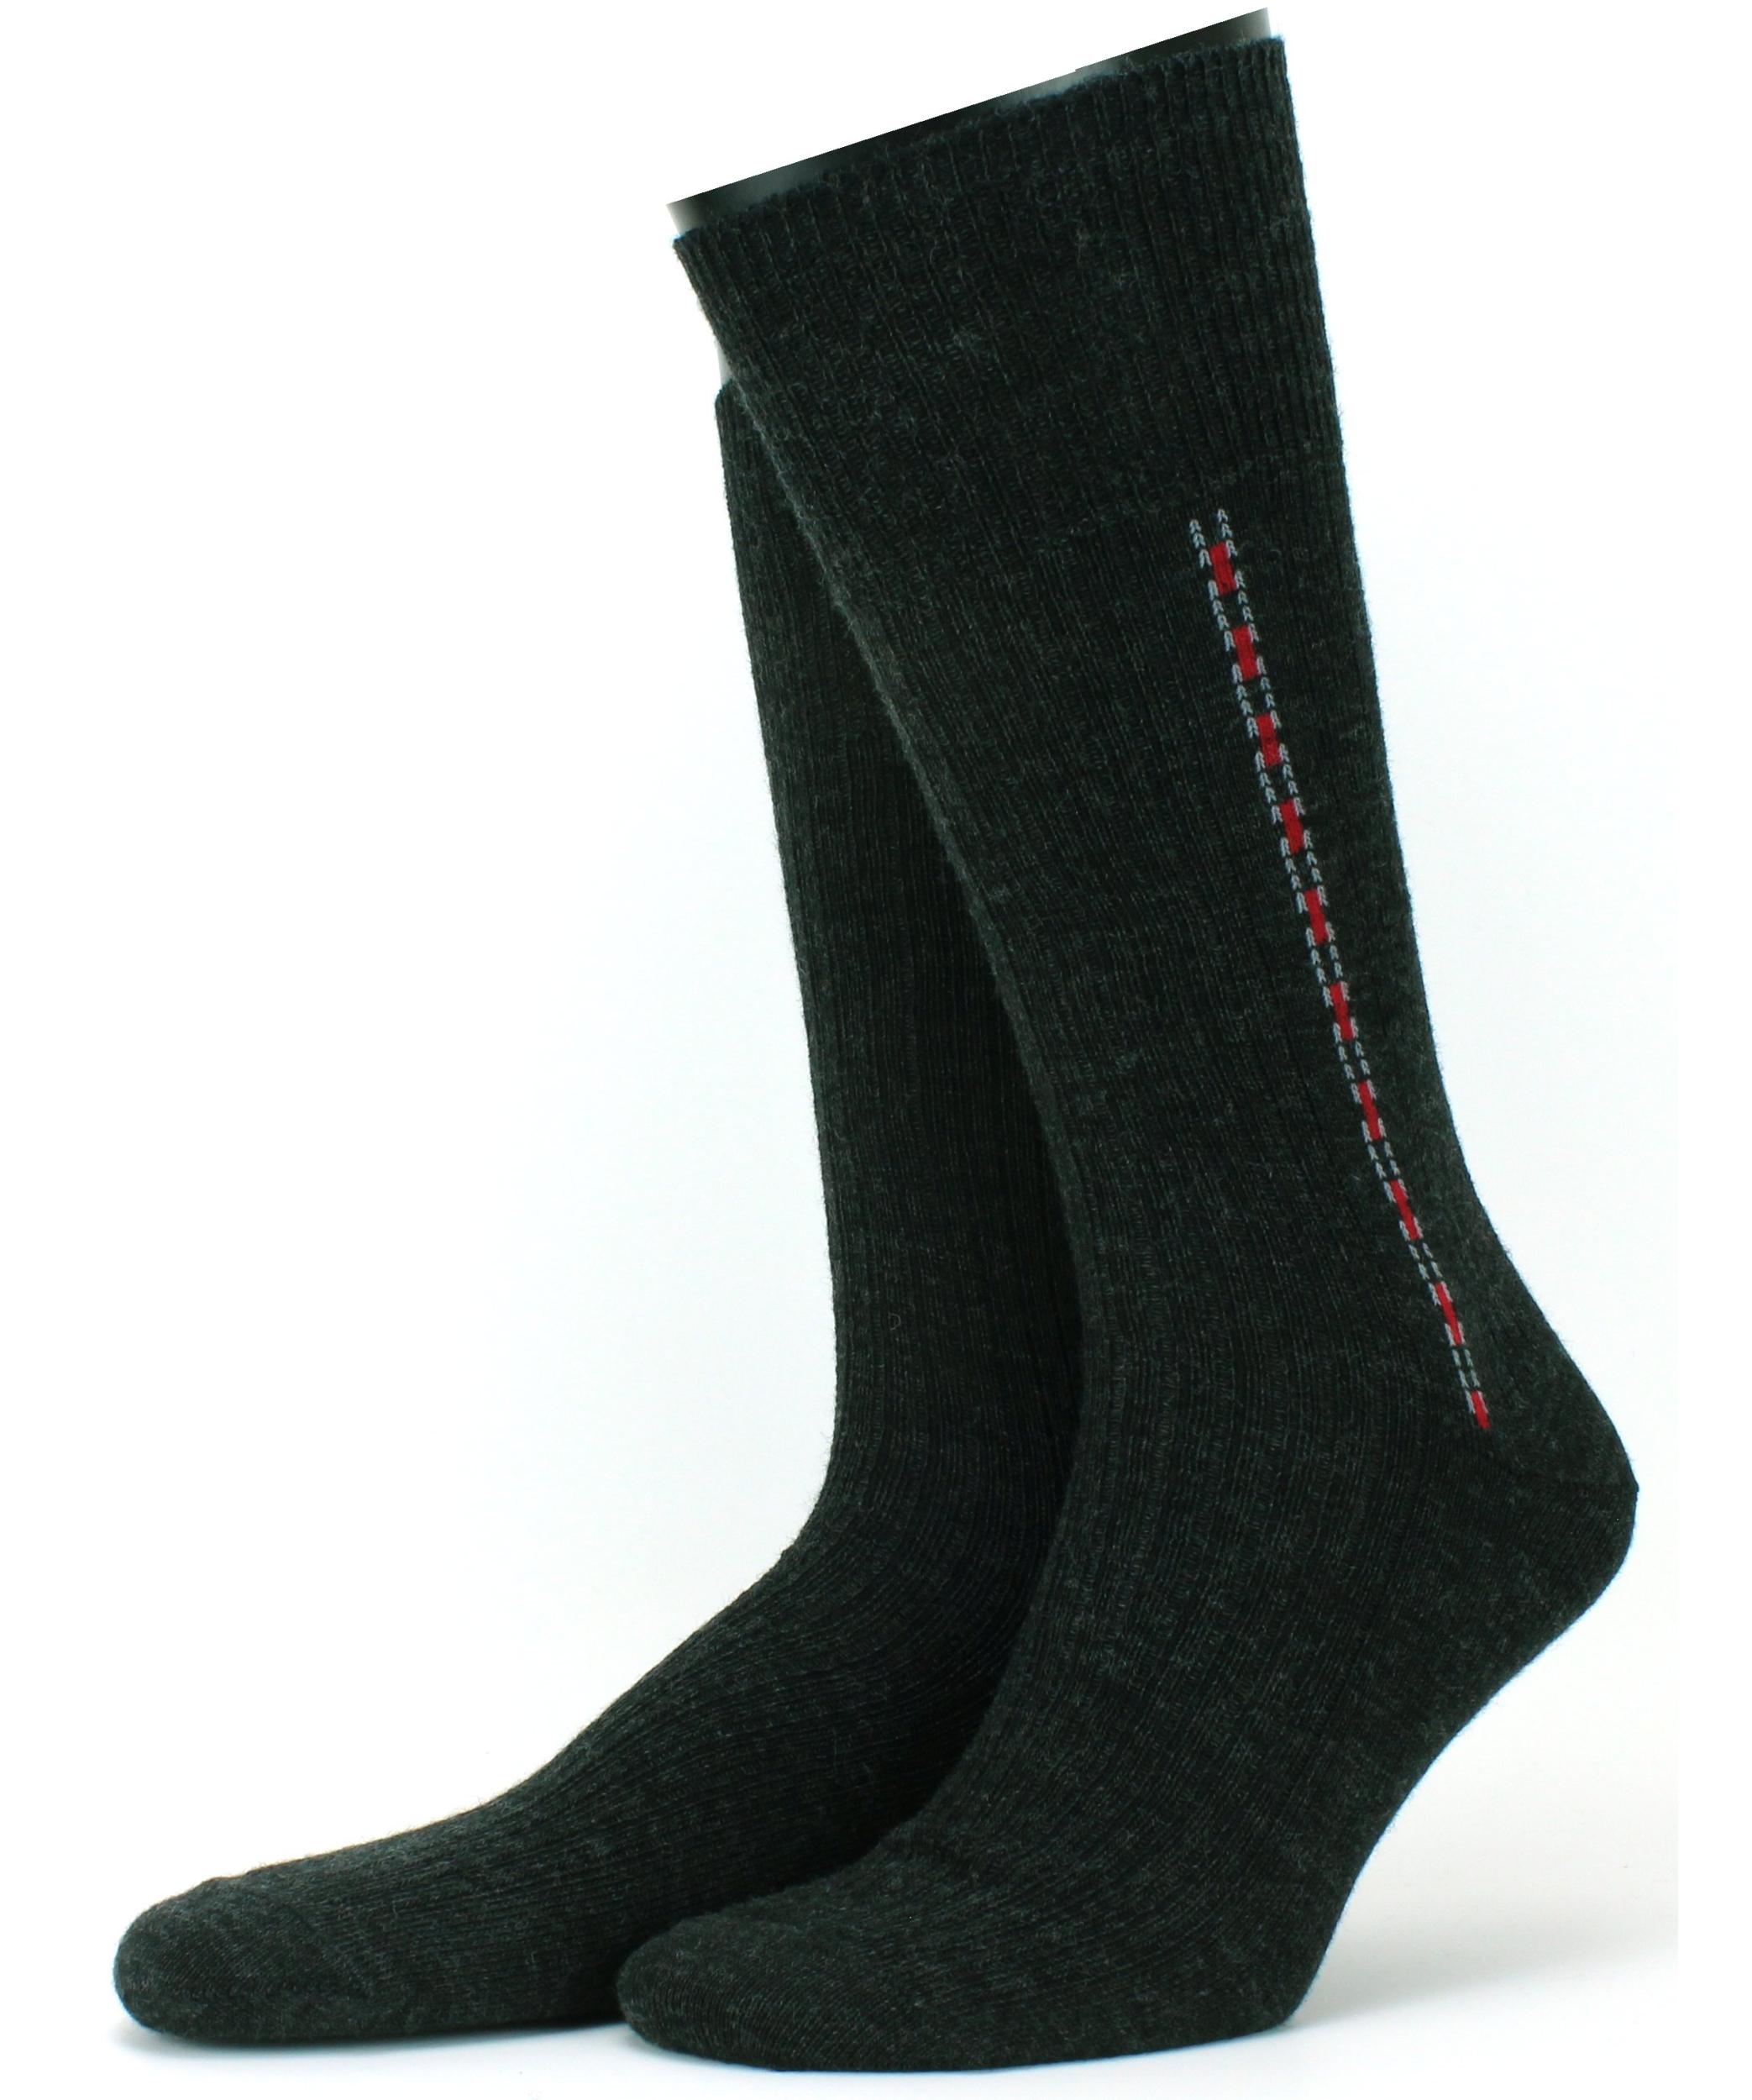 Fancy-Panel-Half-Hose-Wool-Socks-from-HJ-